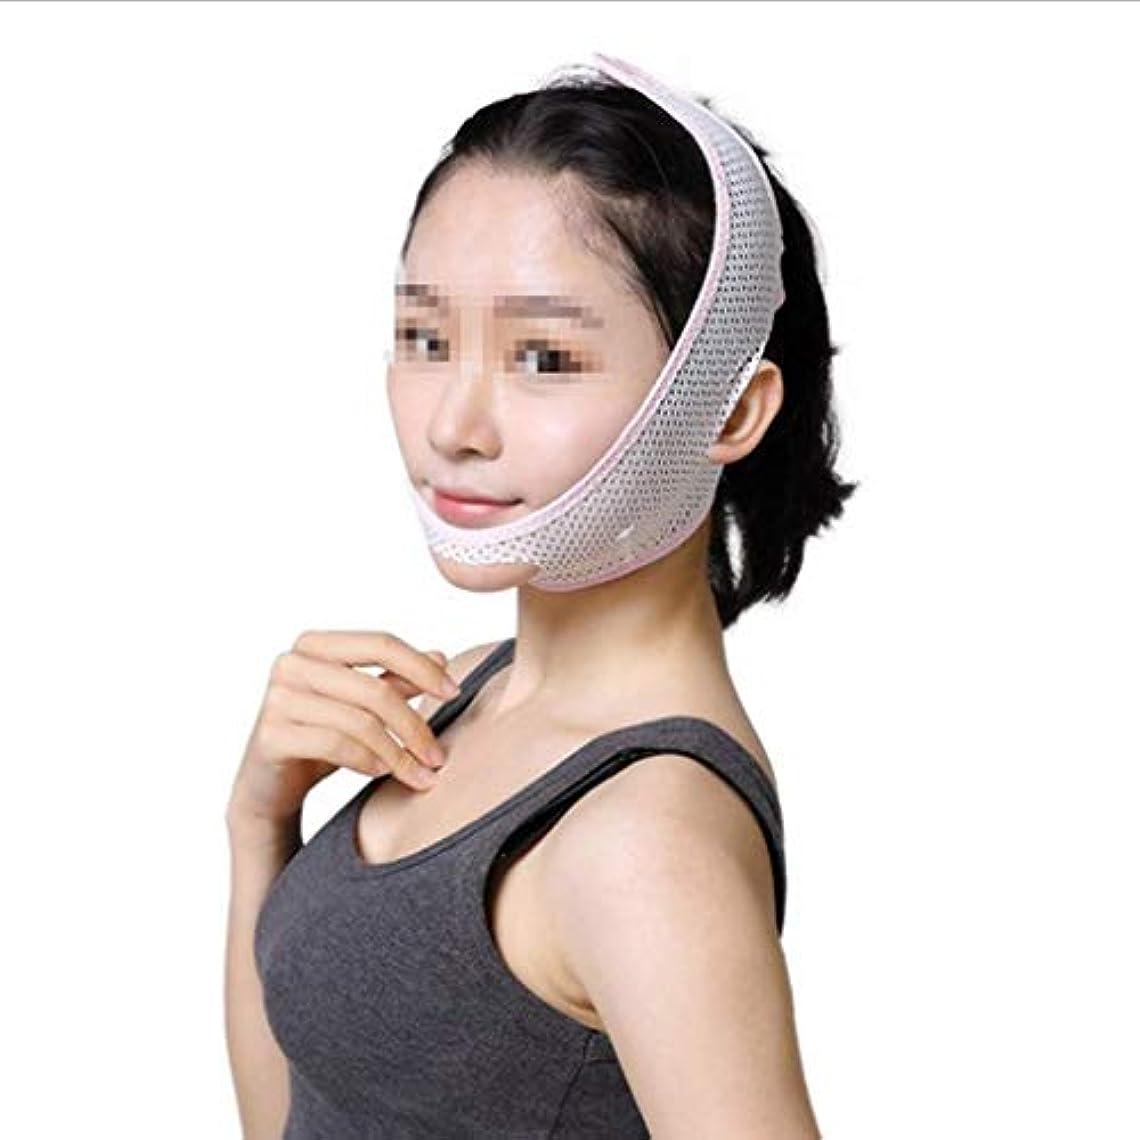 避けるカフェ対人超薄型通気性フェイスマスク、包帯Vフェイスマスクフェイスリフティングファーミングダブルチンシンフェイスベルト(サイズ:M)